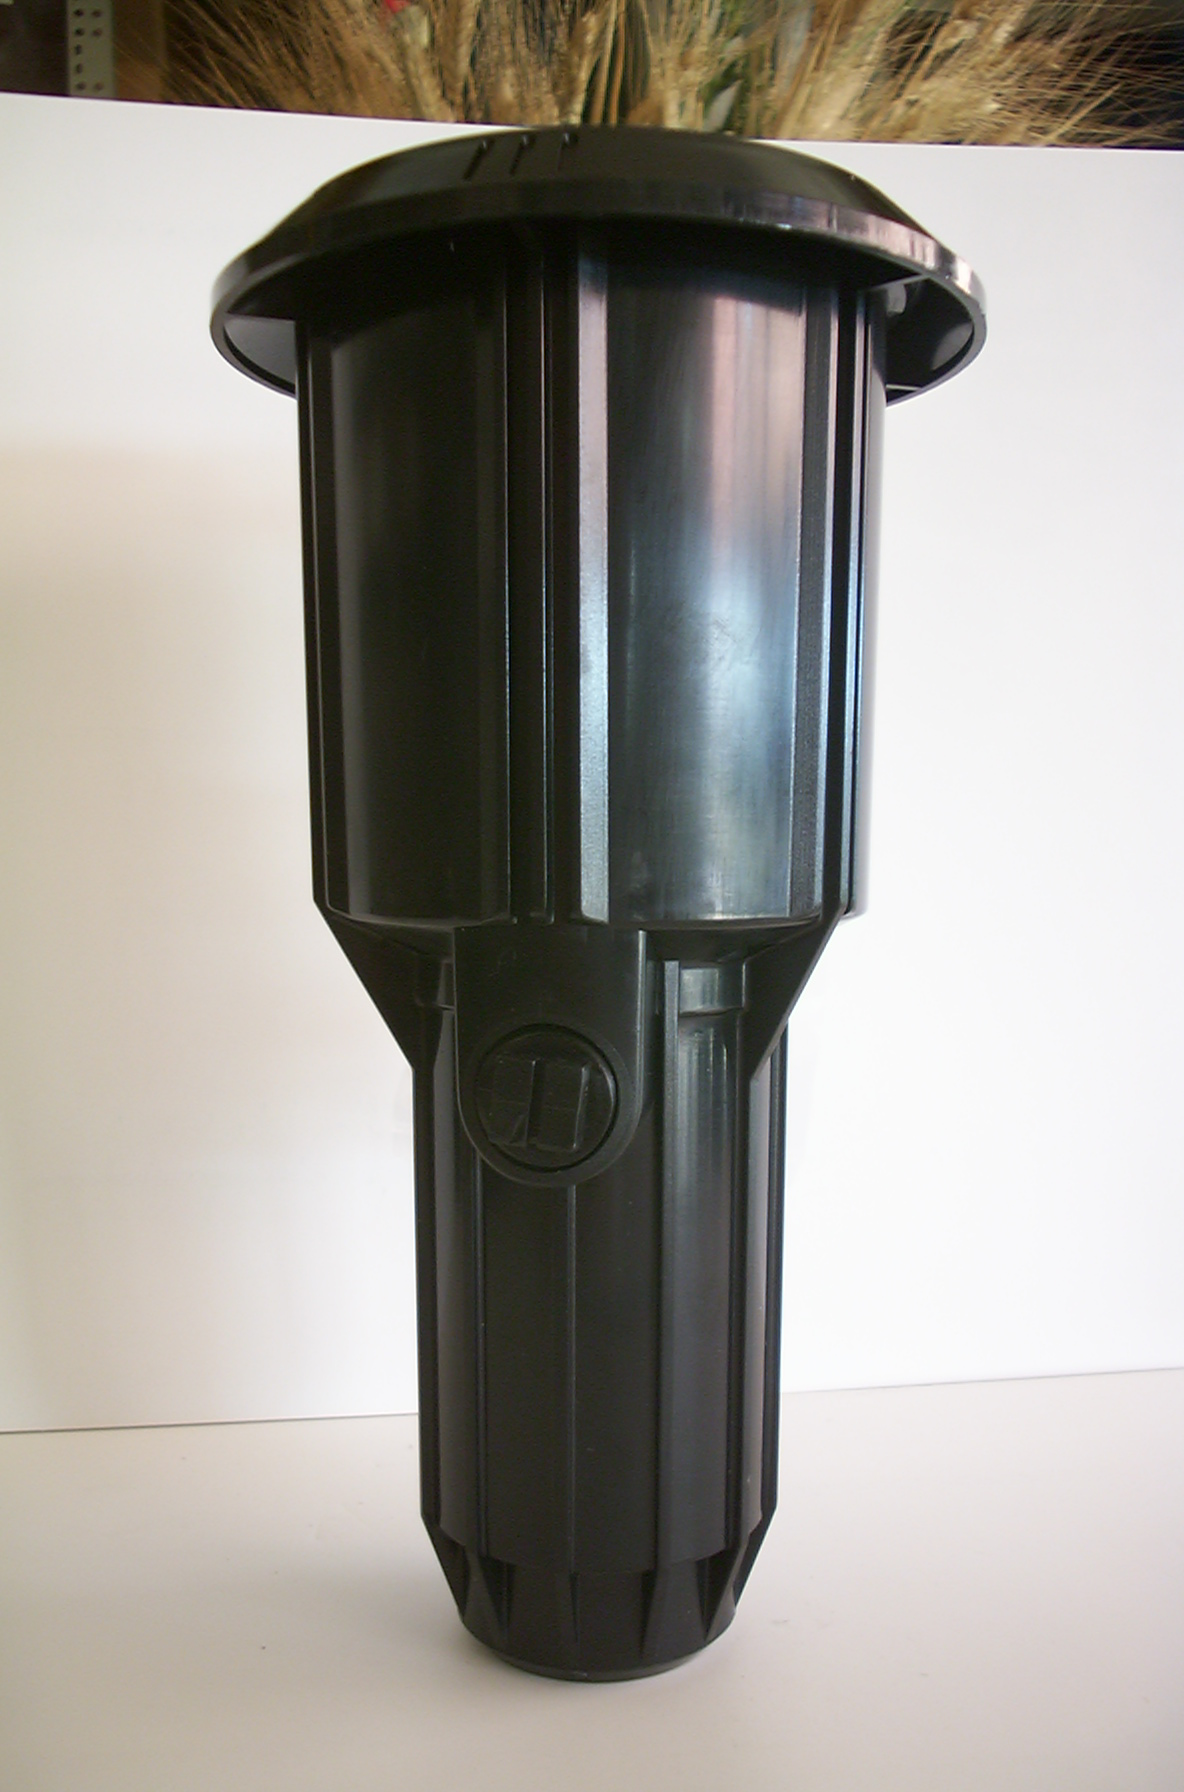 Accessori irrigazione f i p a forniture per impianti for Pop up per irrigazione